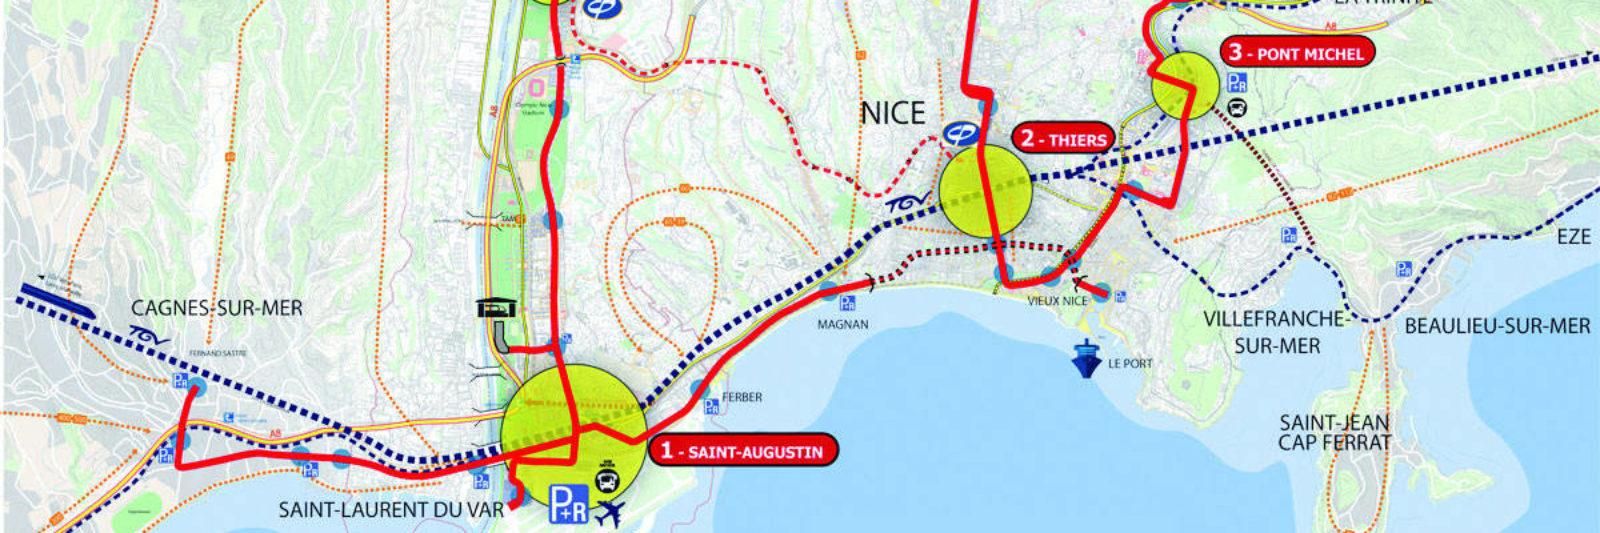 Plan tramway Nice